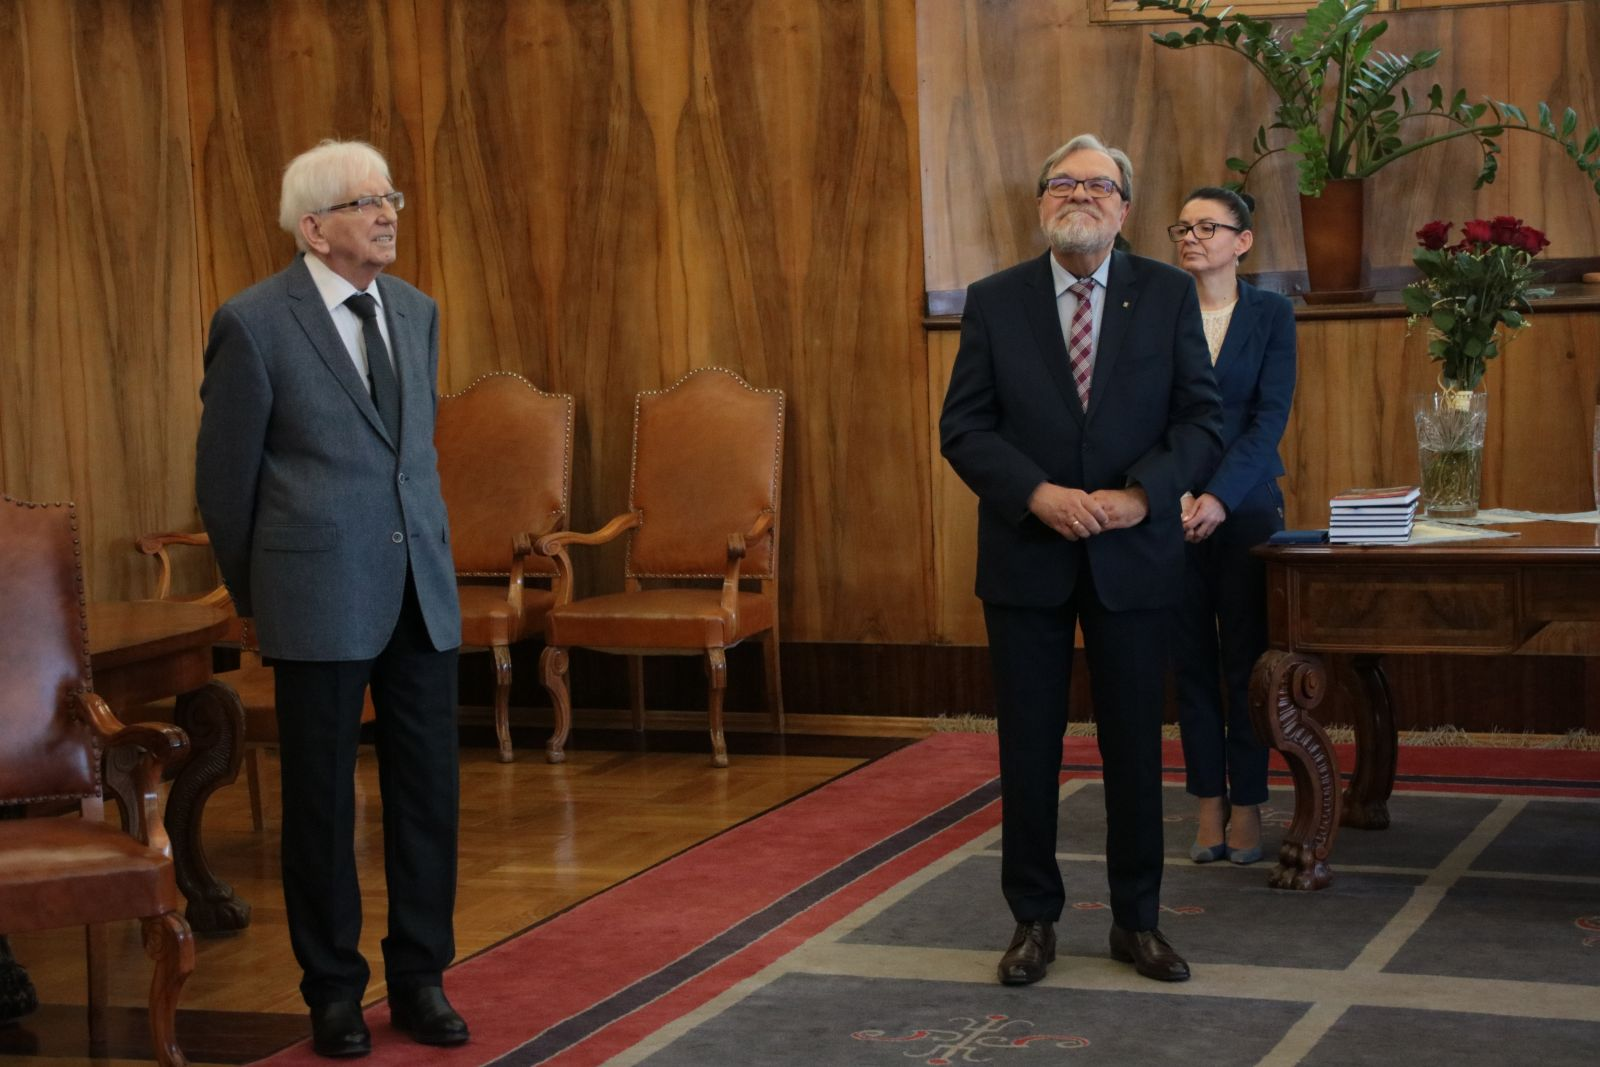 Zdjęcie  - Rektor UAM i laureat medalu Homini Vere Academico